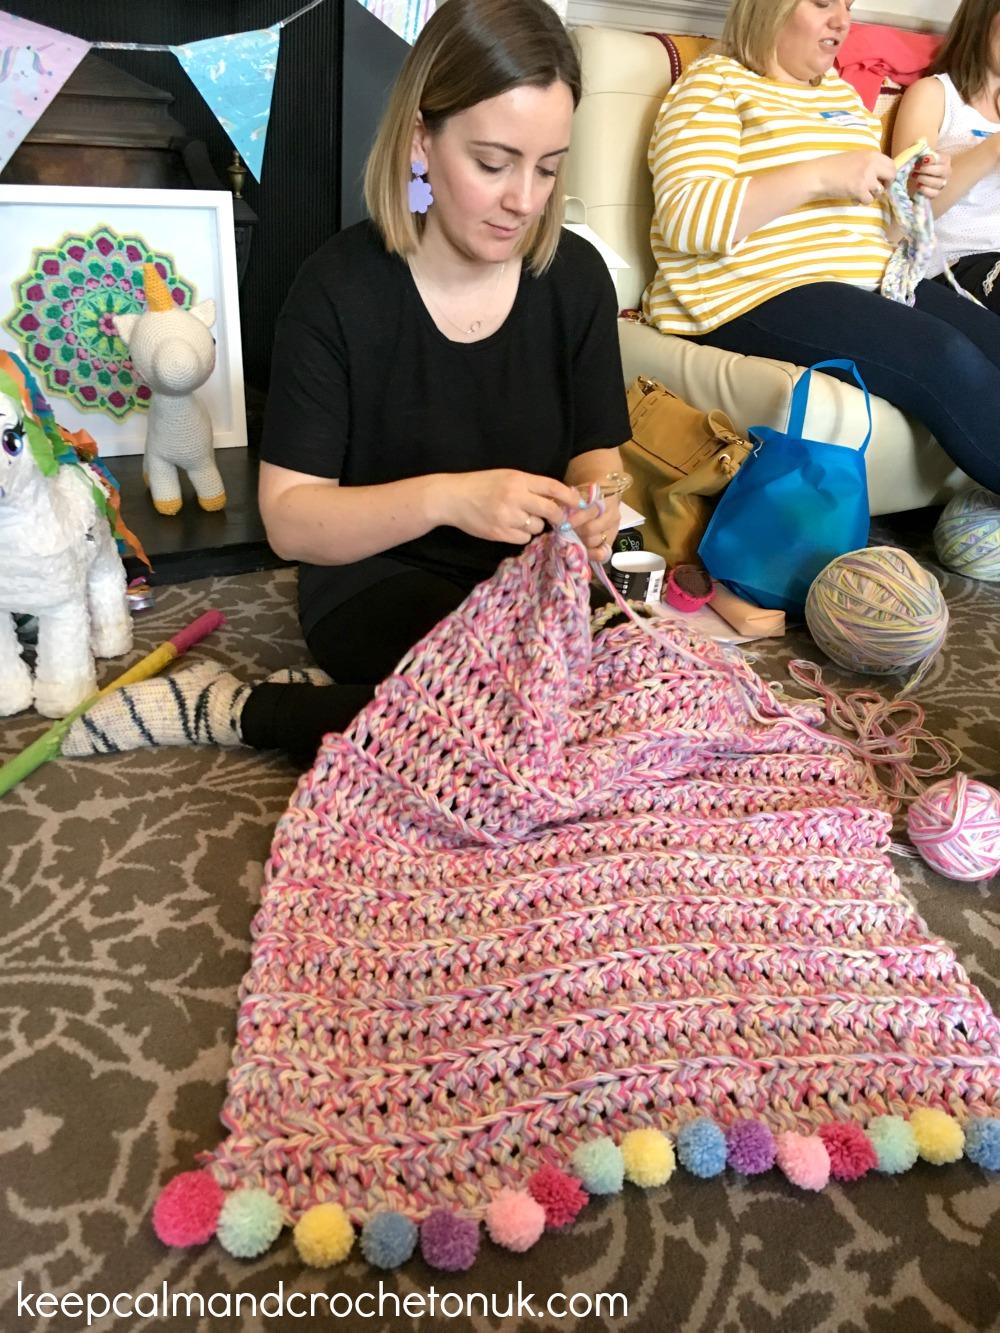 KCACOUK-Crochet-Sanctuary-02